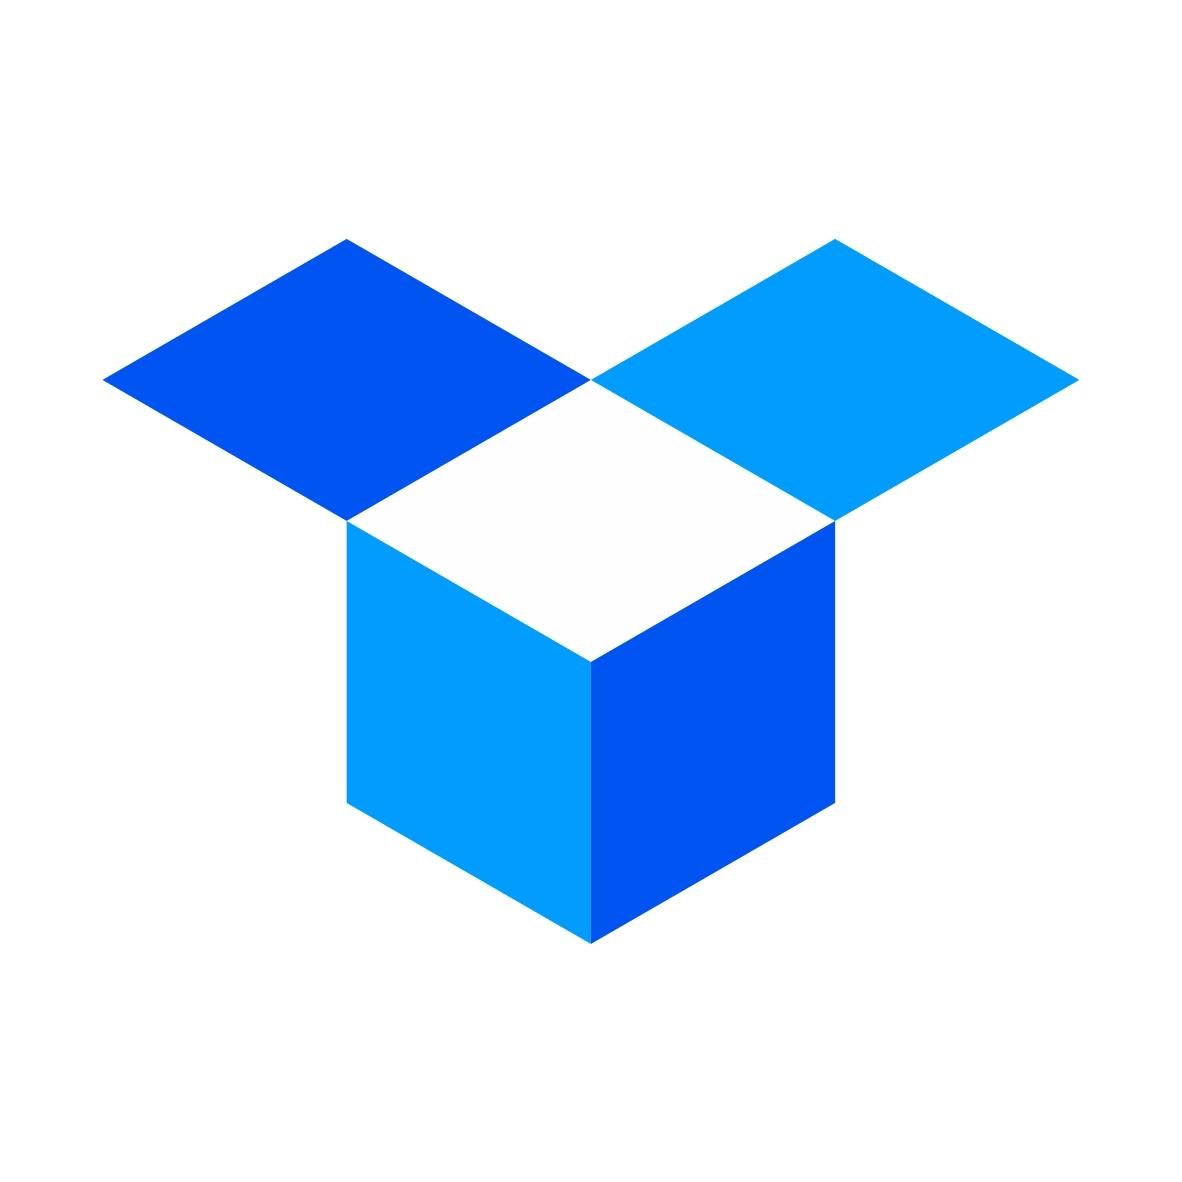 Логотип для компании по реализации упаковки из гофрокартона фото f_5125cdba6346801e.jpg